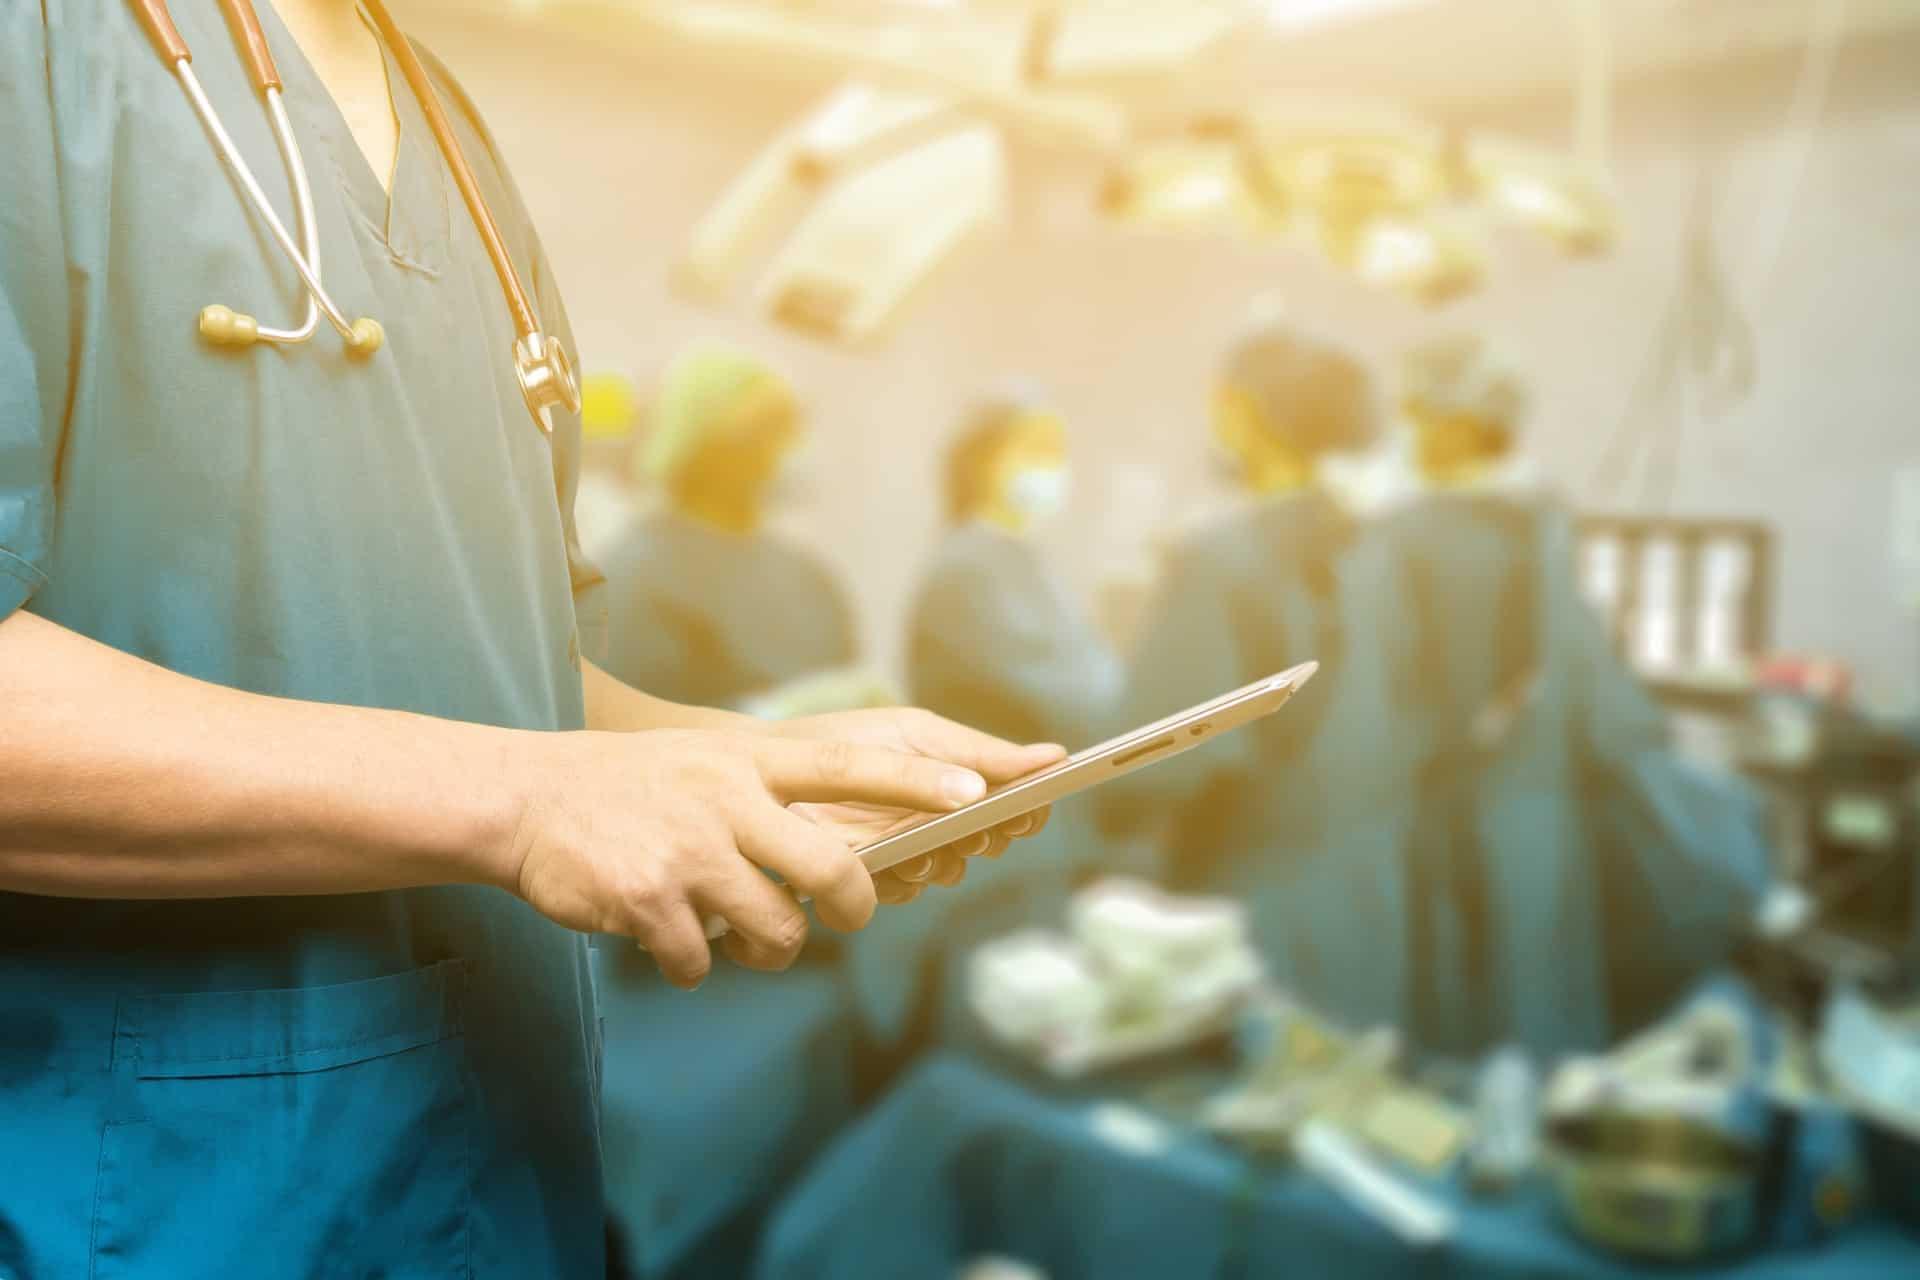 רופא בחדר ניתוח מחזיק אייפד